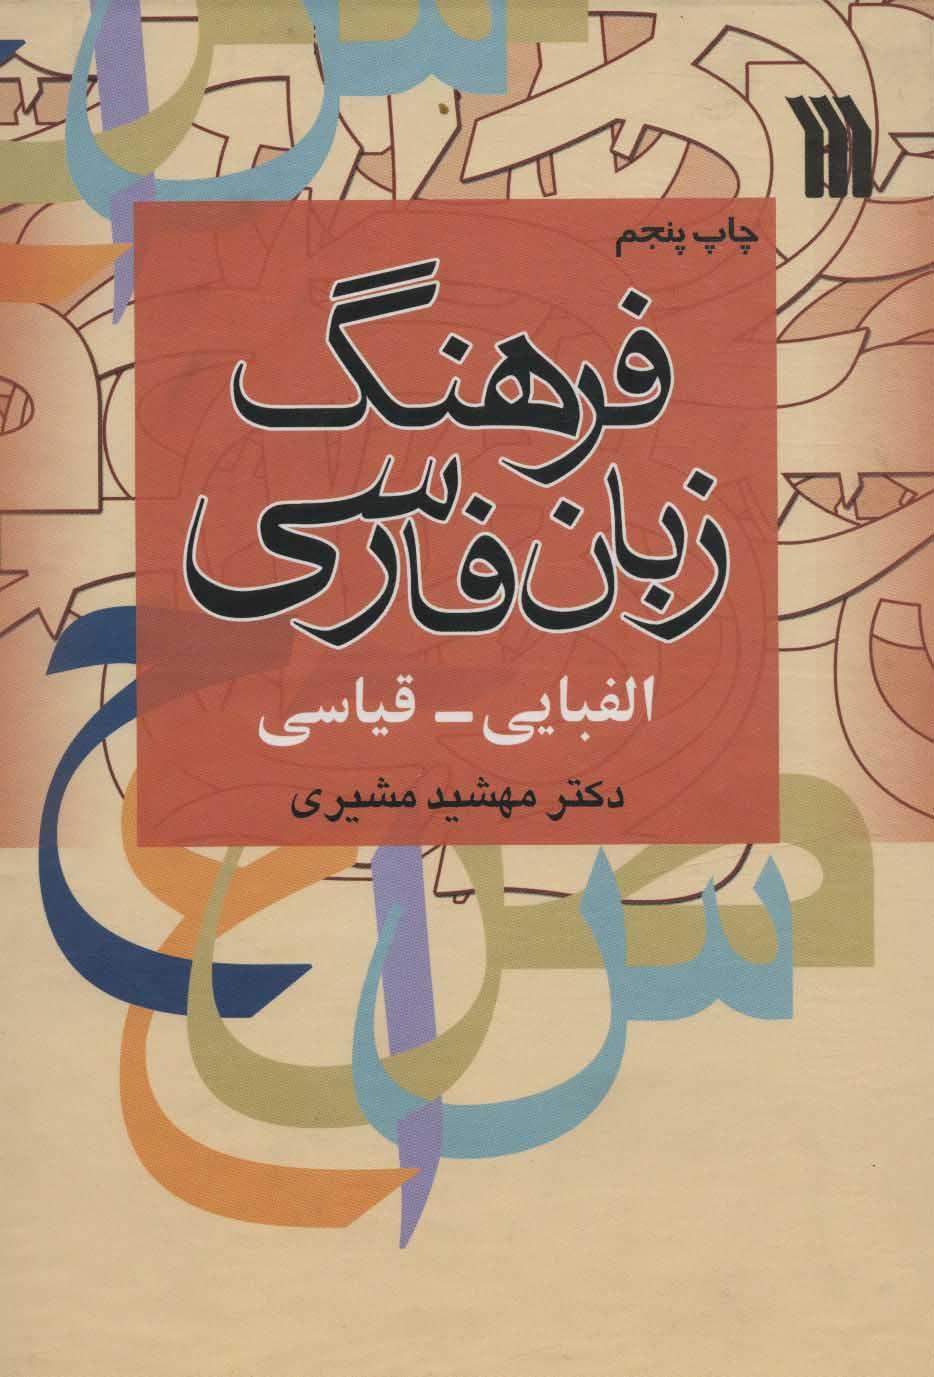 فرهنگ زبان فارسی (الفبایی-قیاسی)